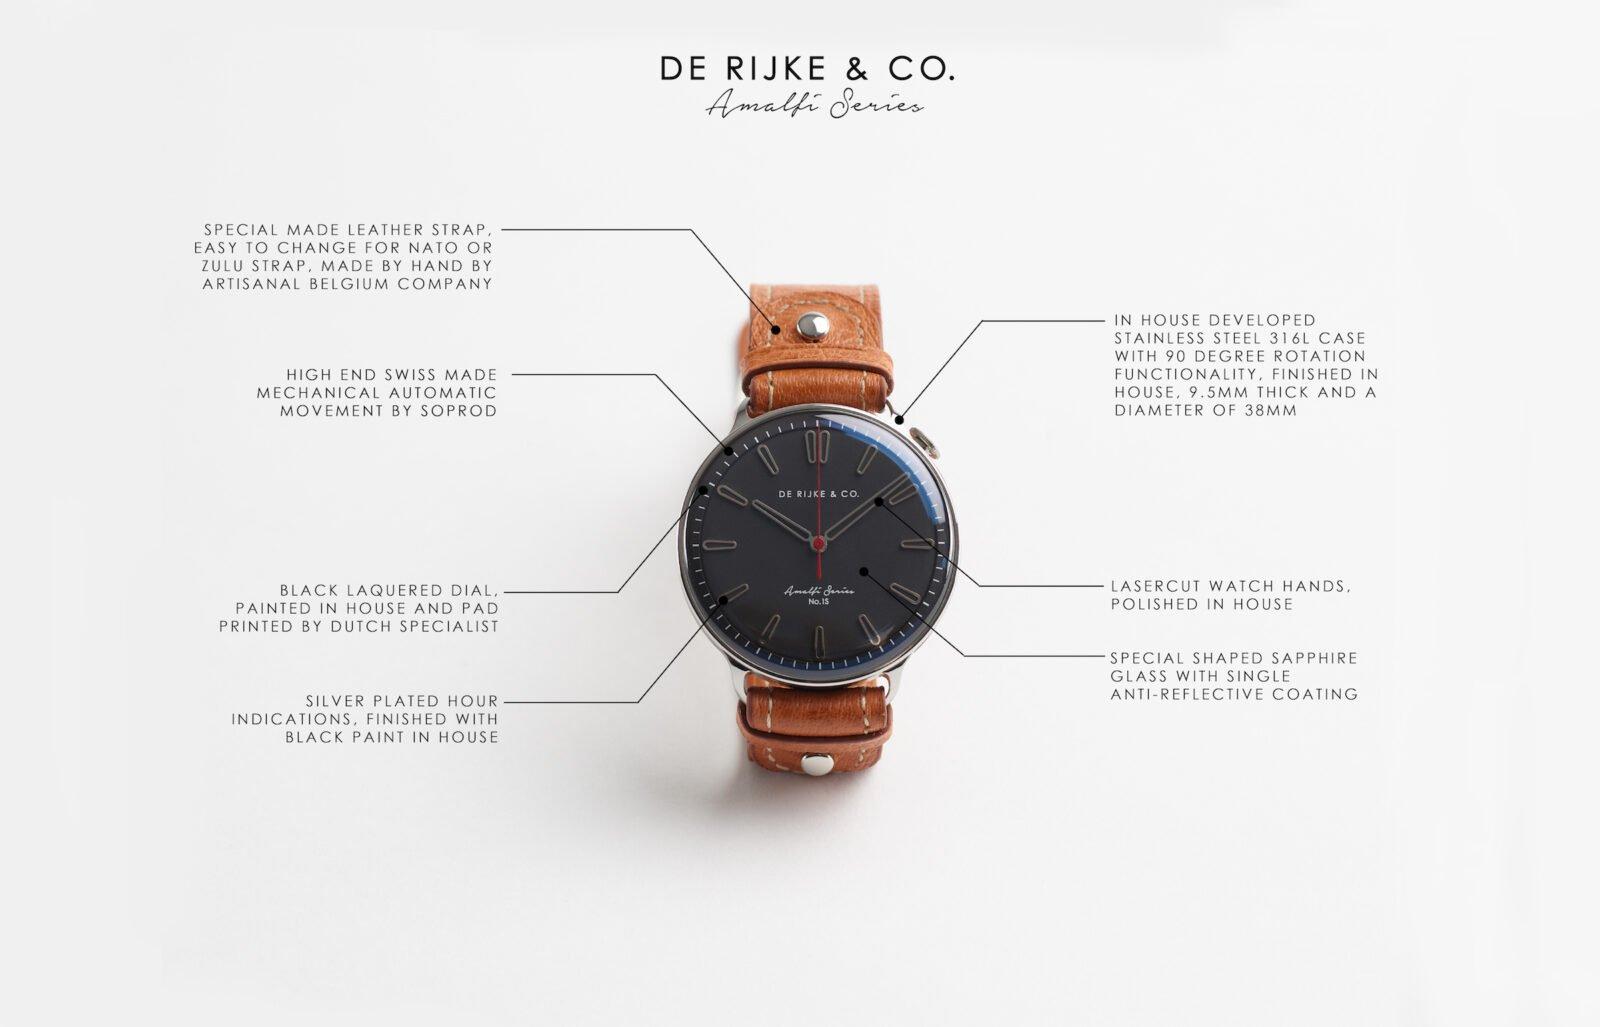 De Rijke & Co. Amalfi Series One S 5